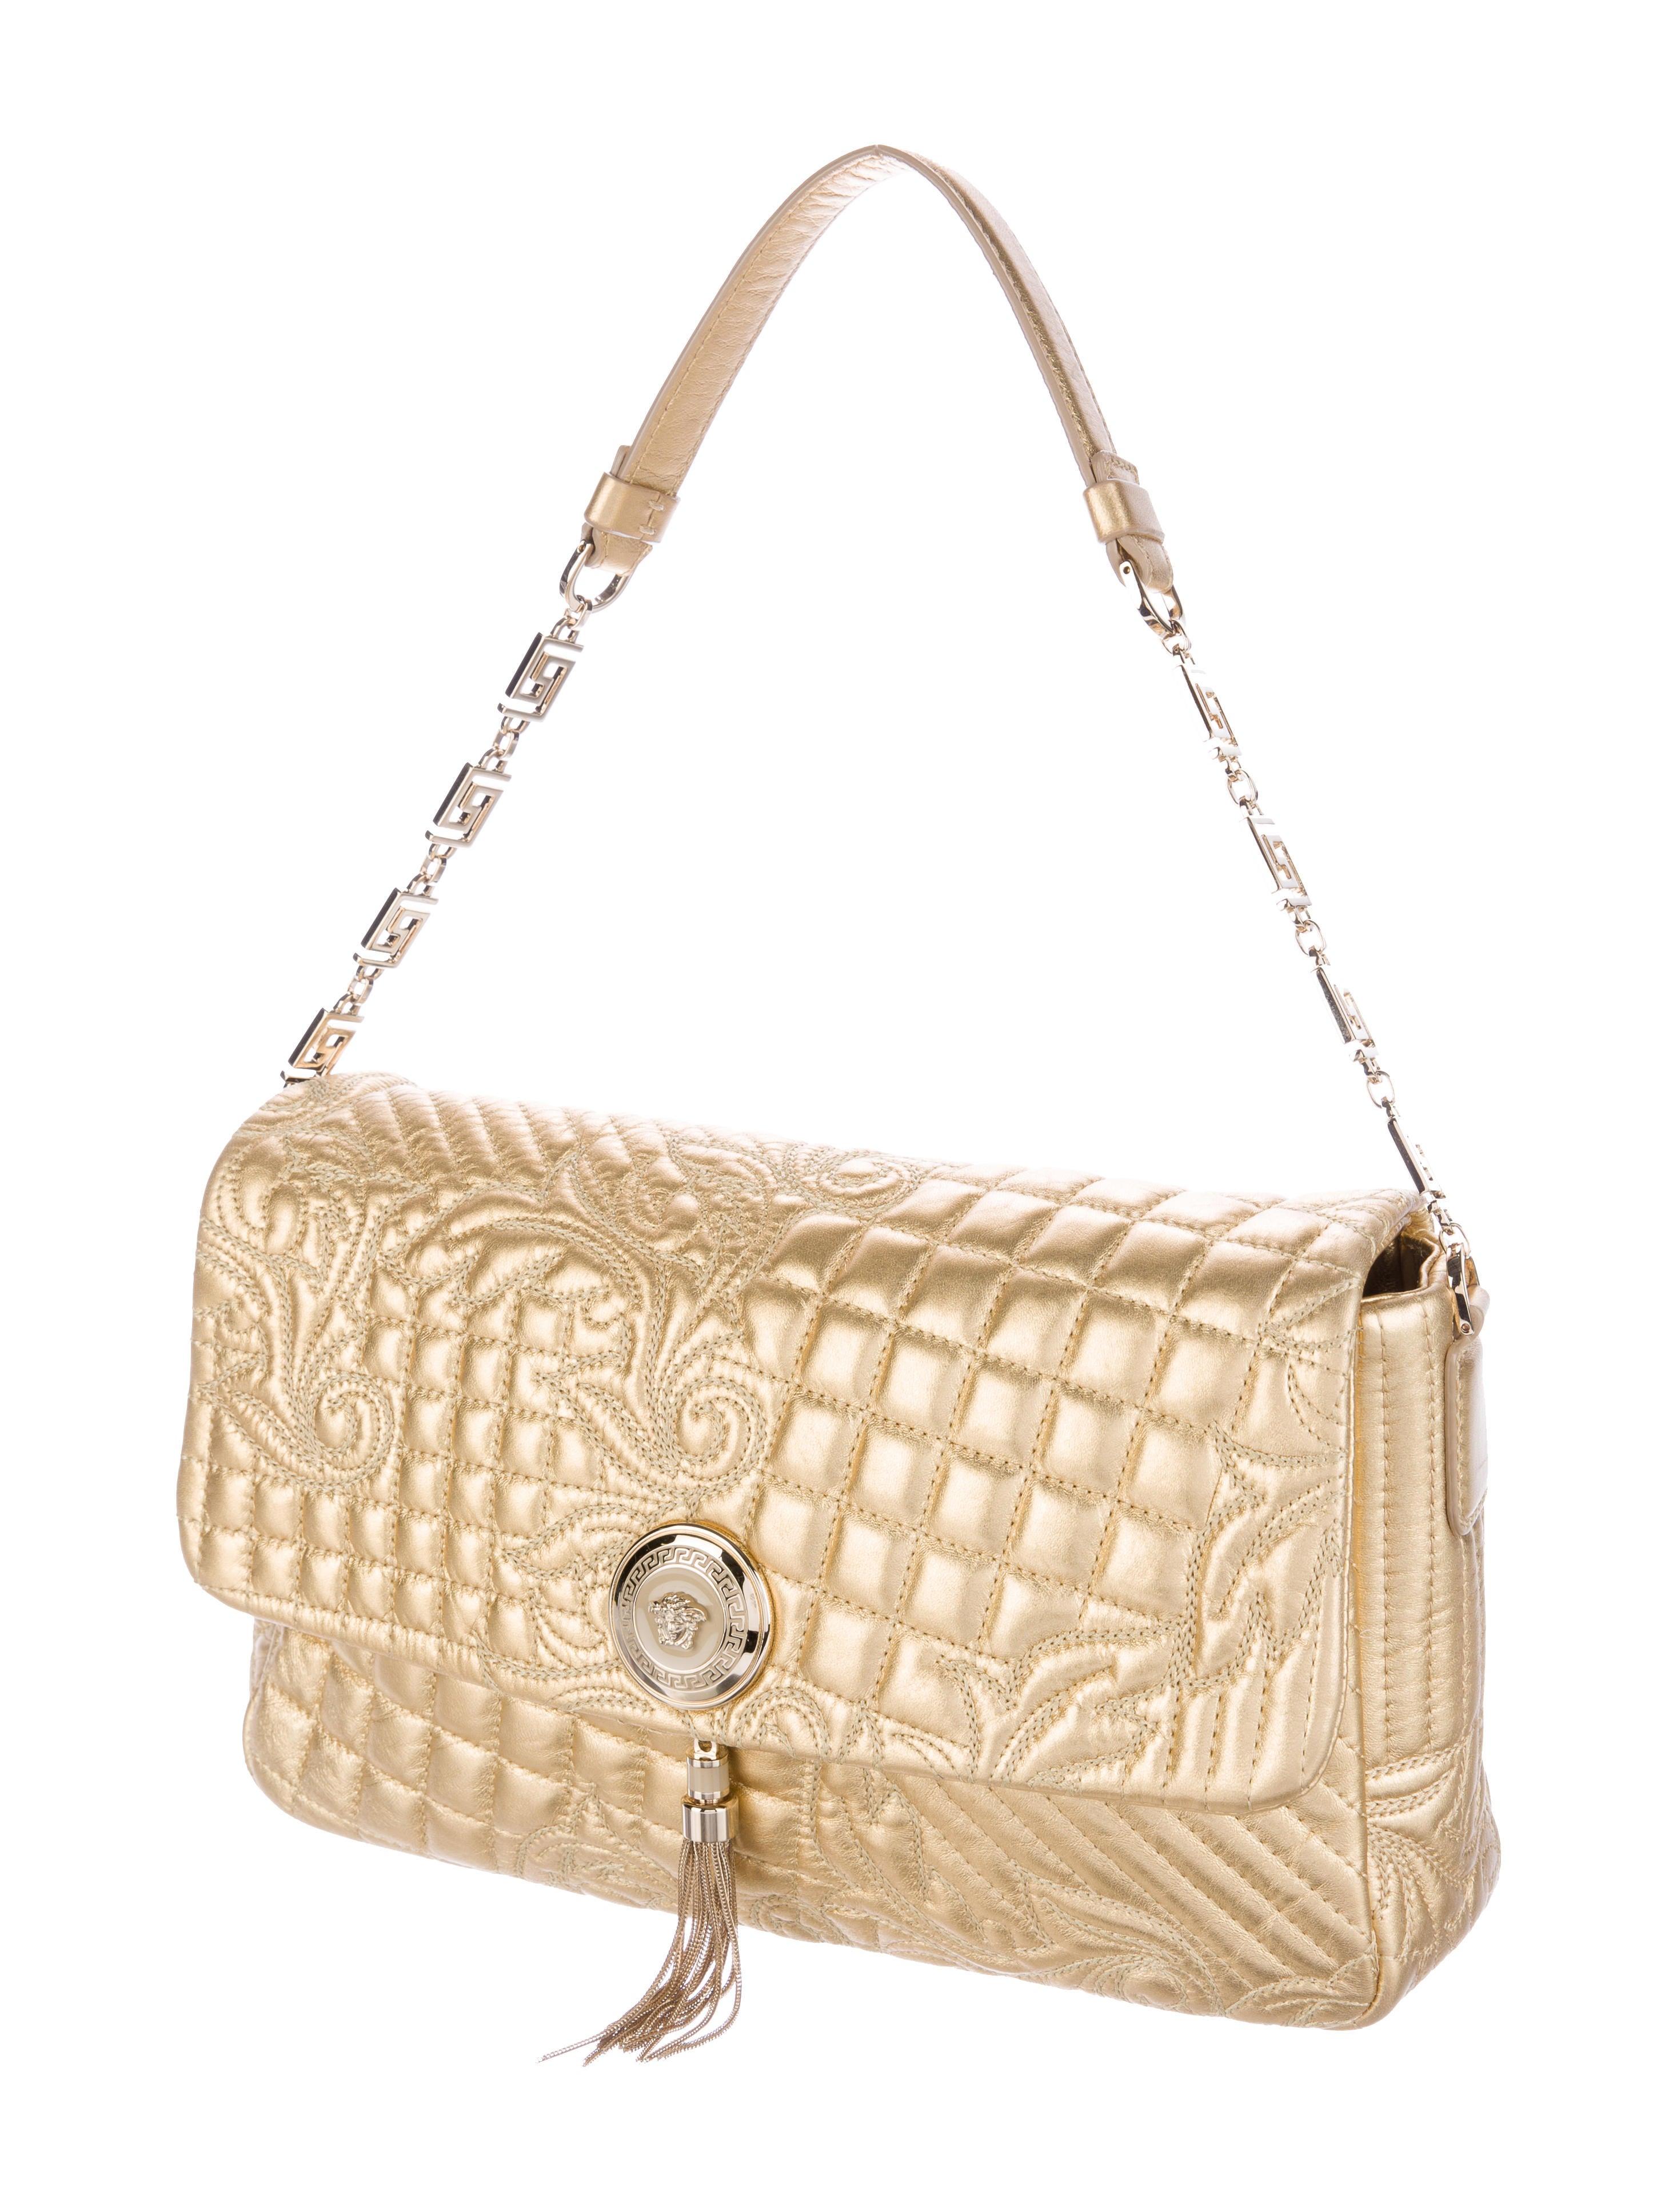 02cd887c33b3 Versace metallic calliope vanitas bag handbags jpg 2934x3871 Versace  vanitas bag